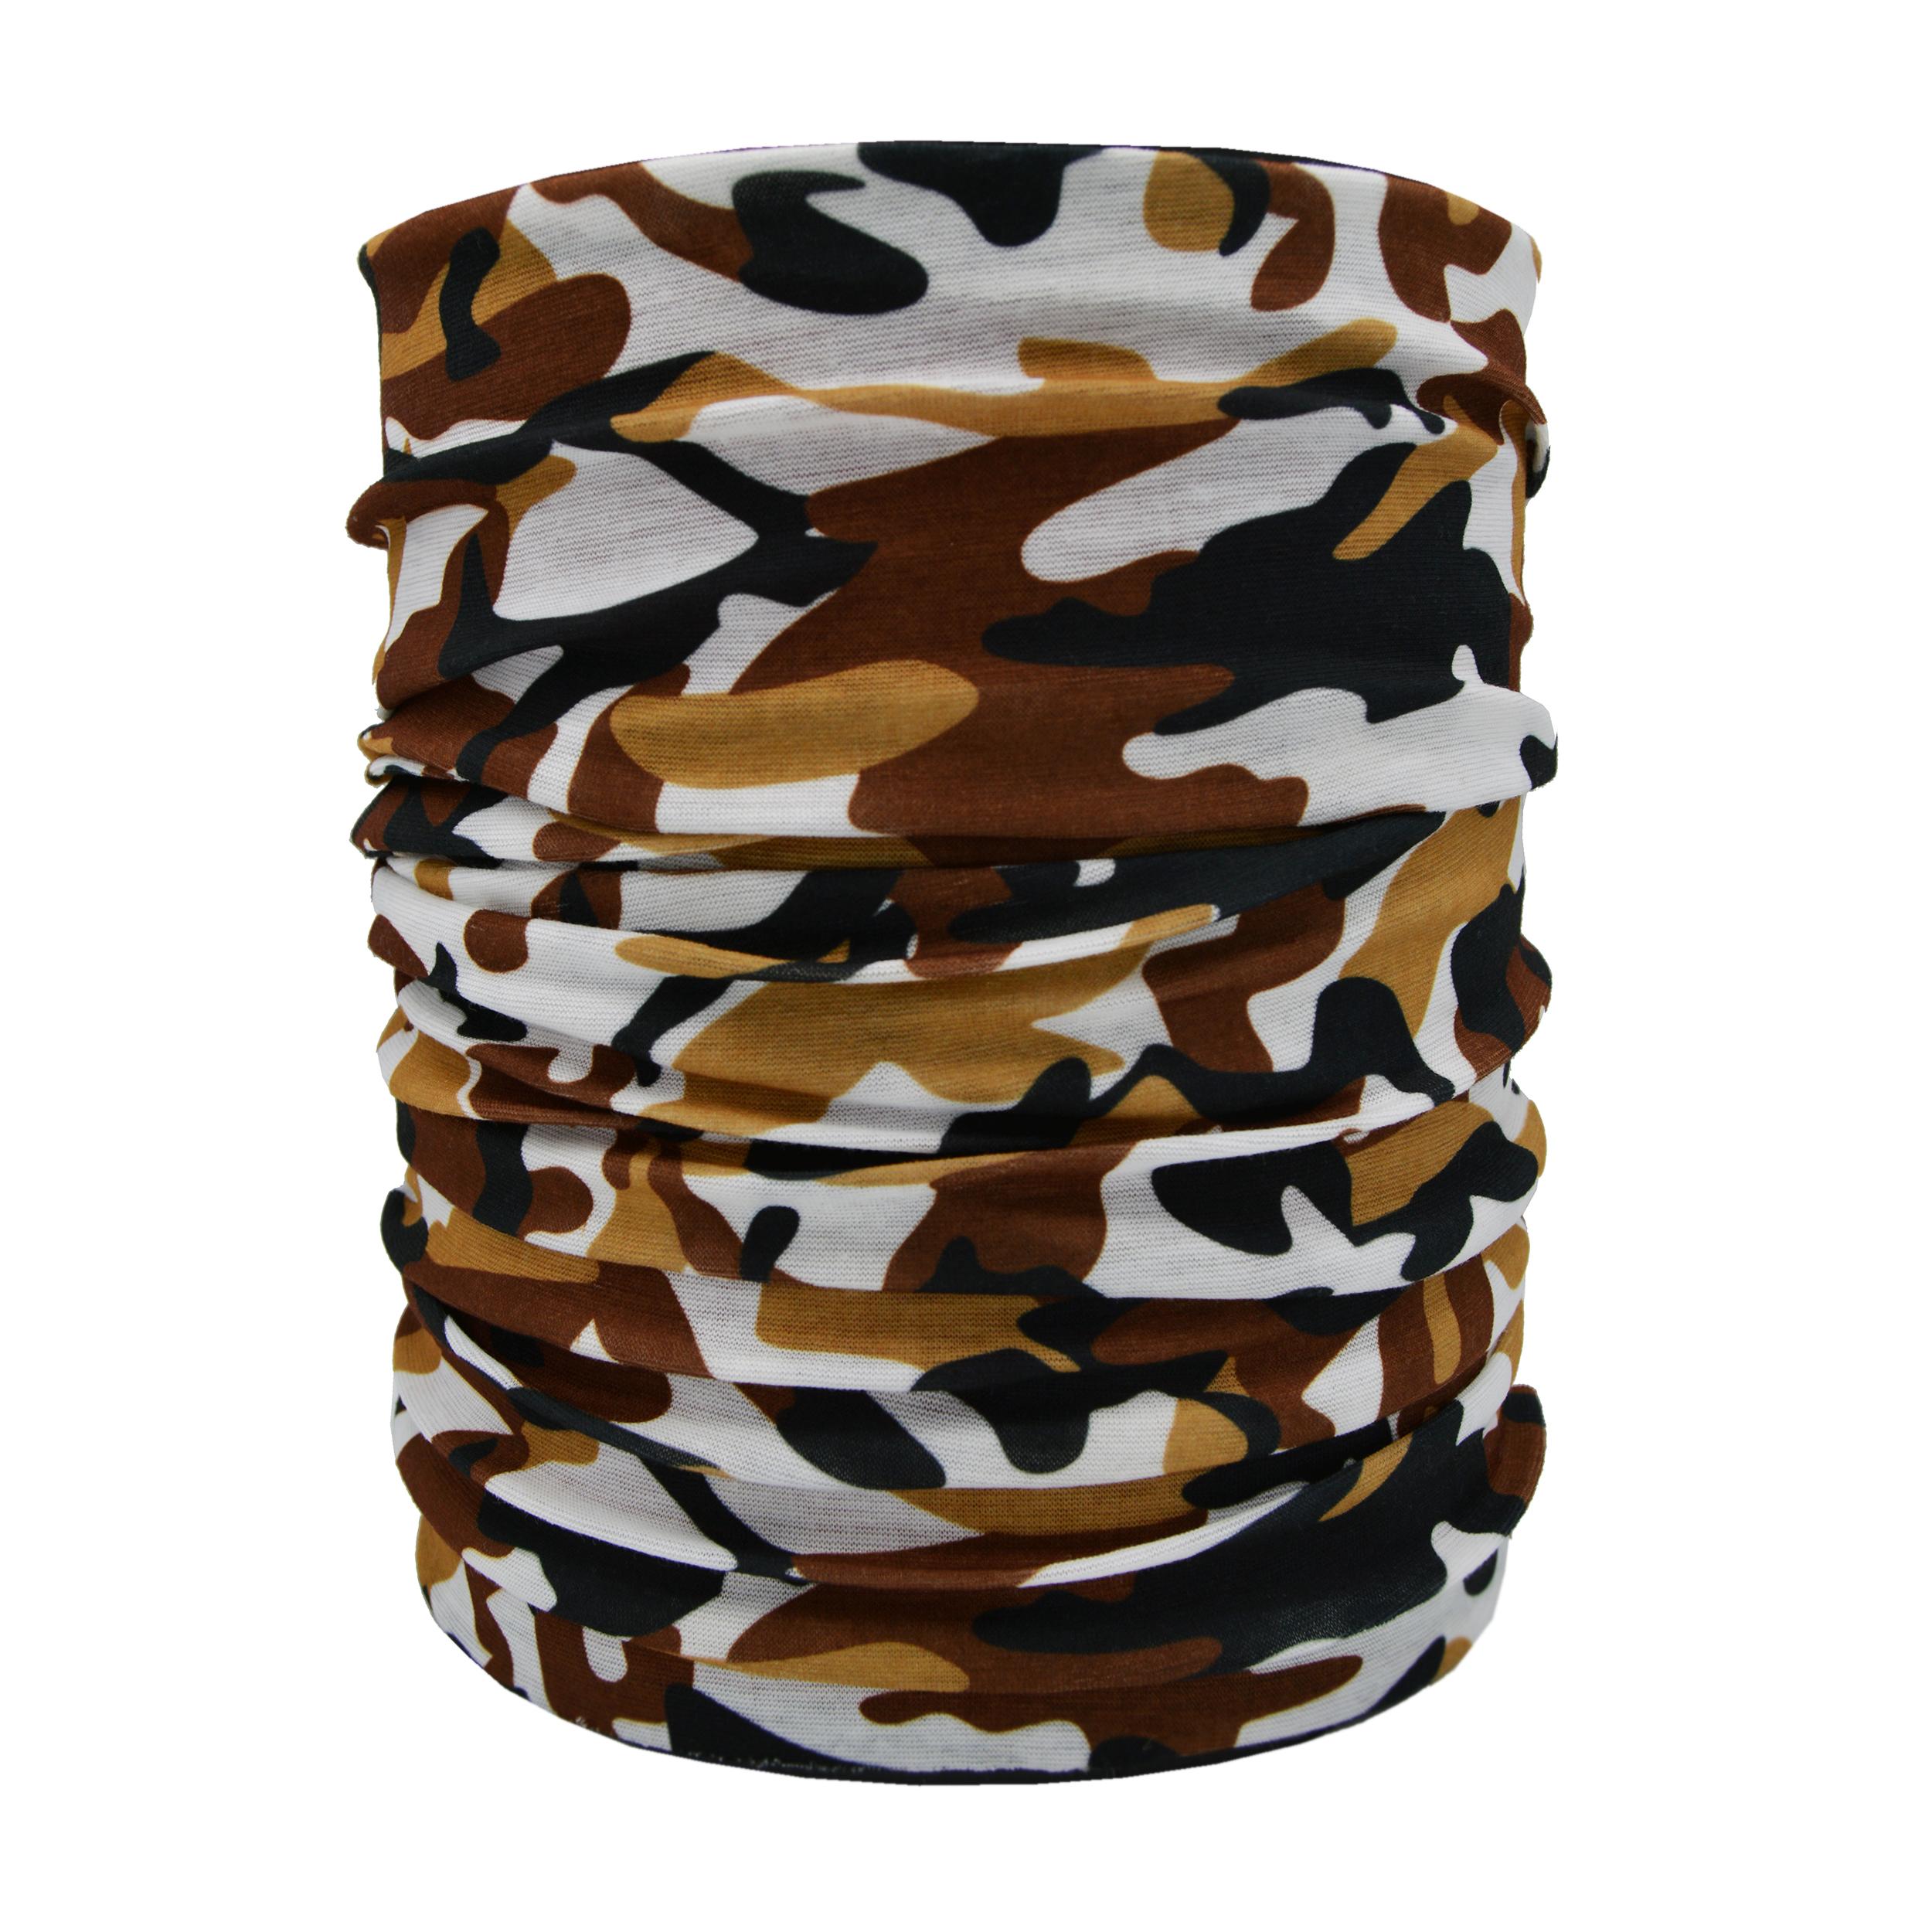 دستمال سر و گردن طرح چریکی کد CH1003